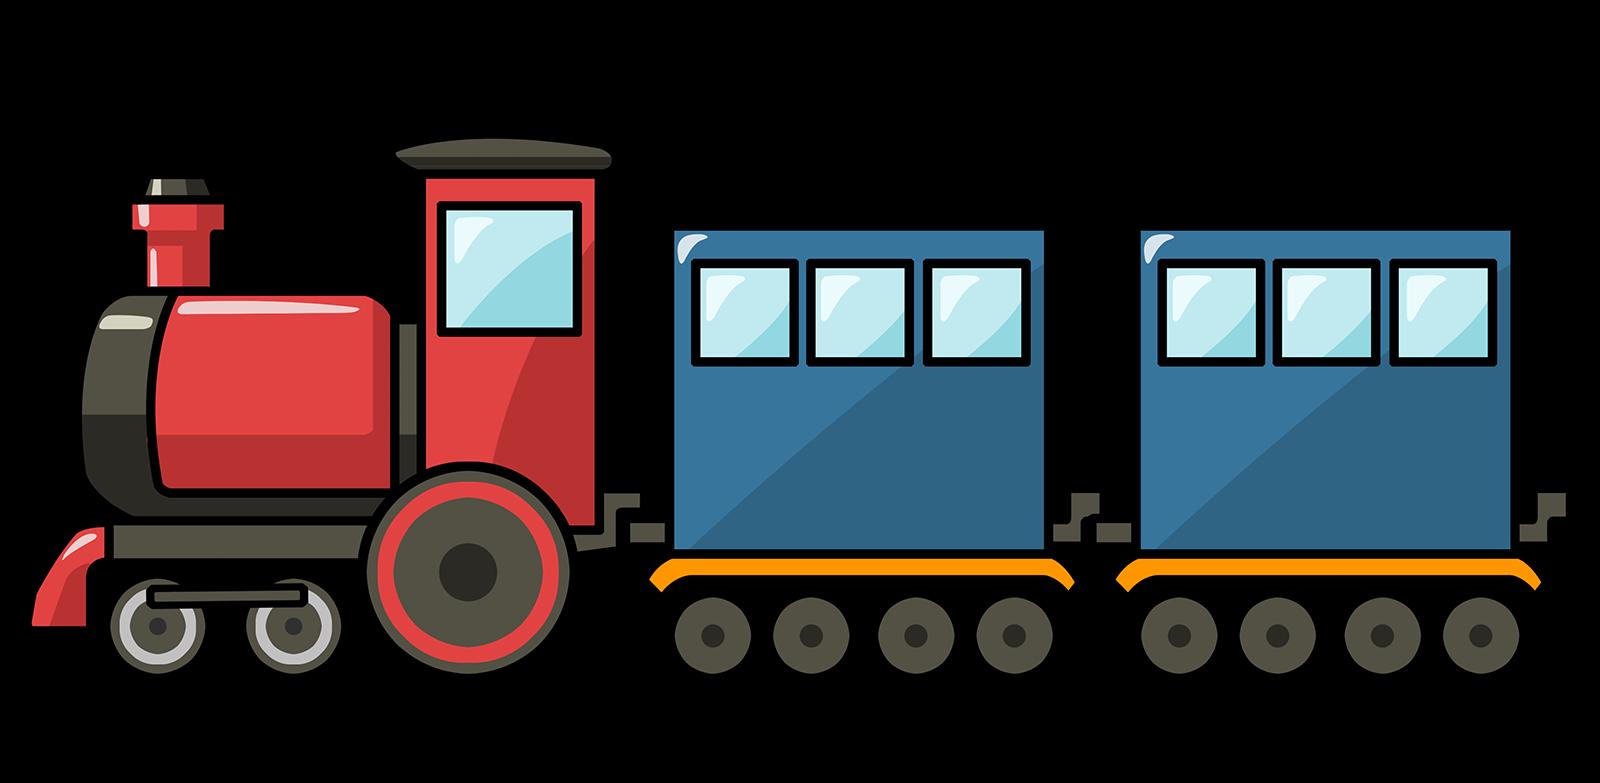 train clip art free download - photo #28